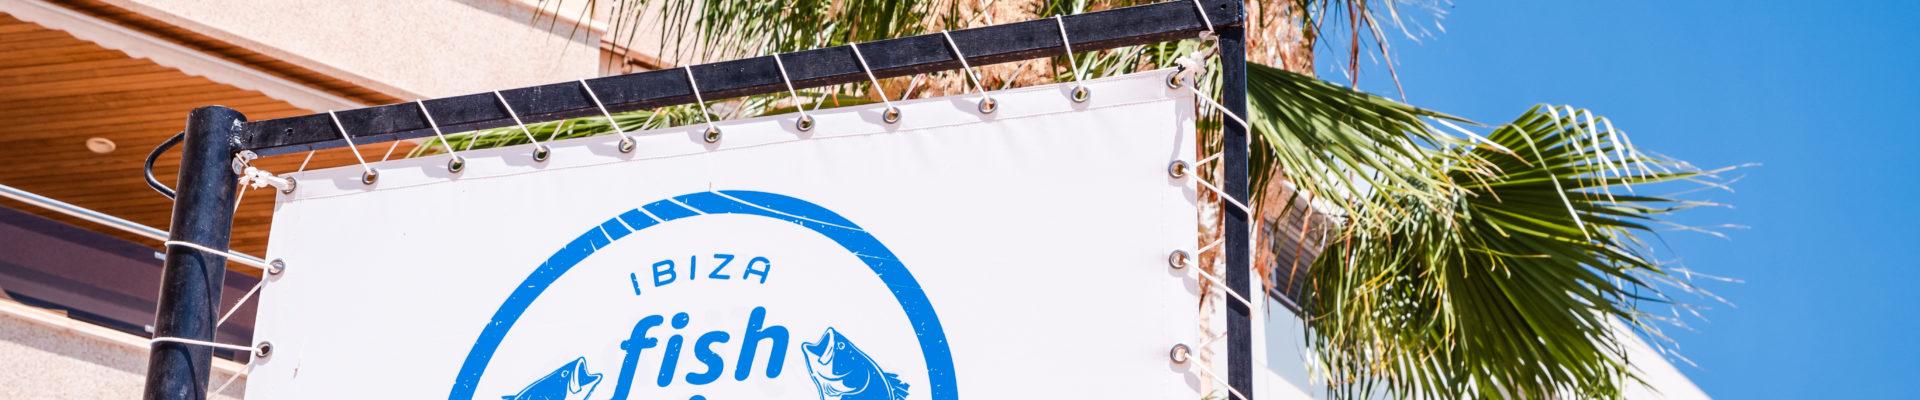 Ibiza Fish and Chip Company